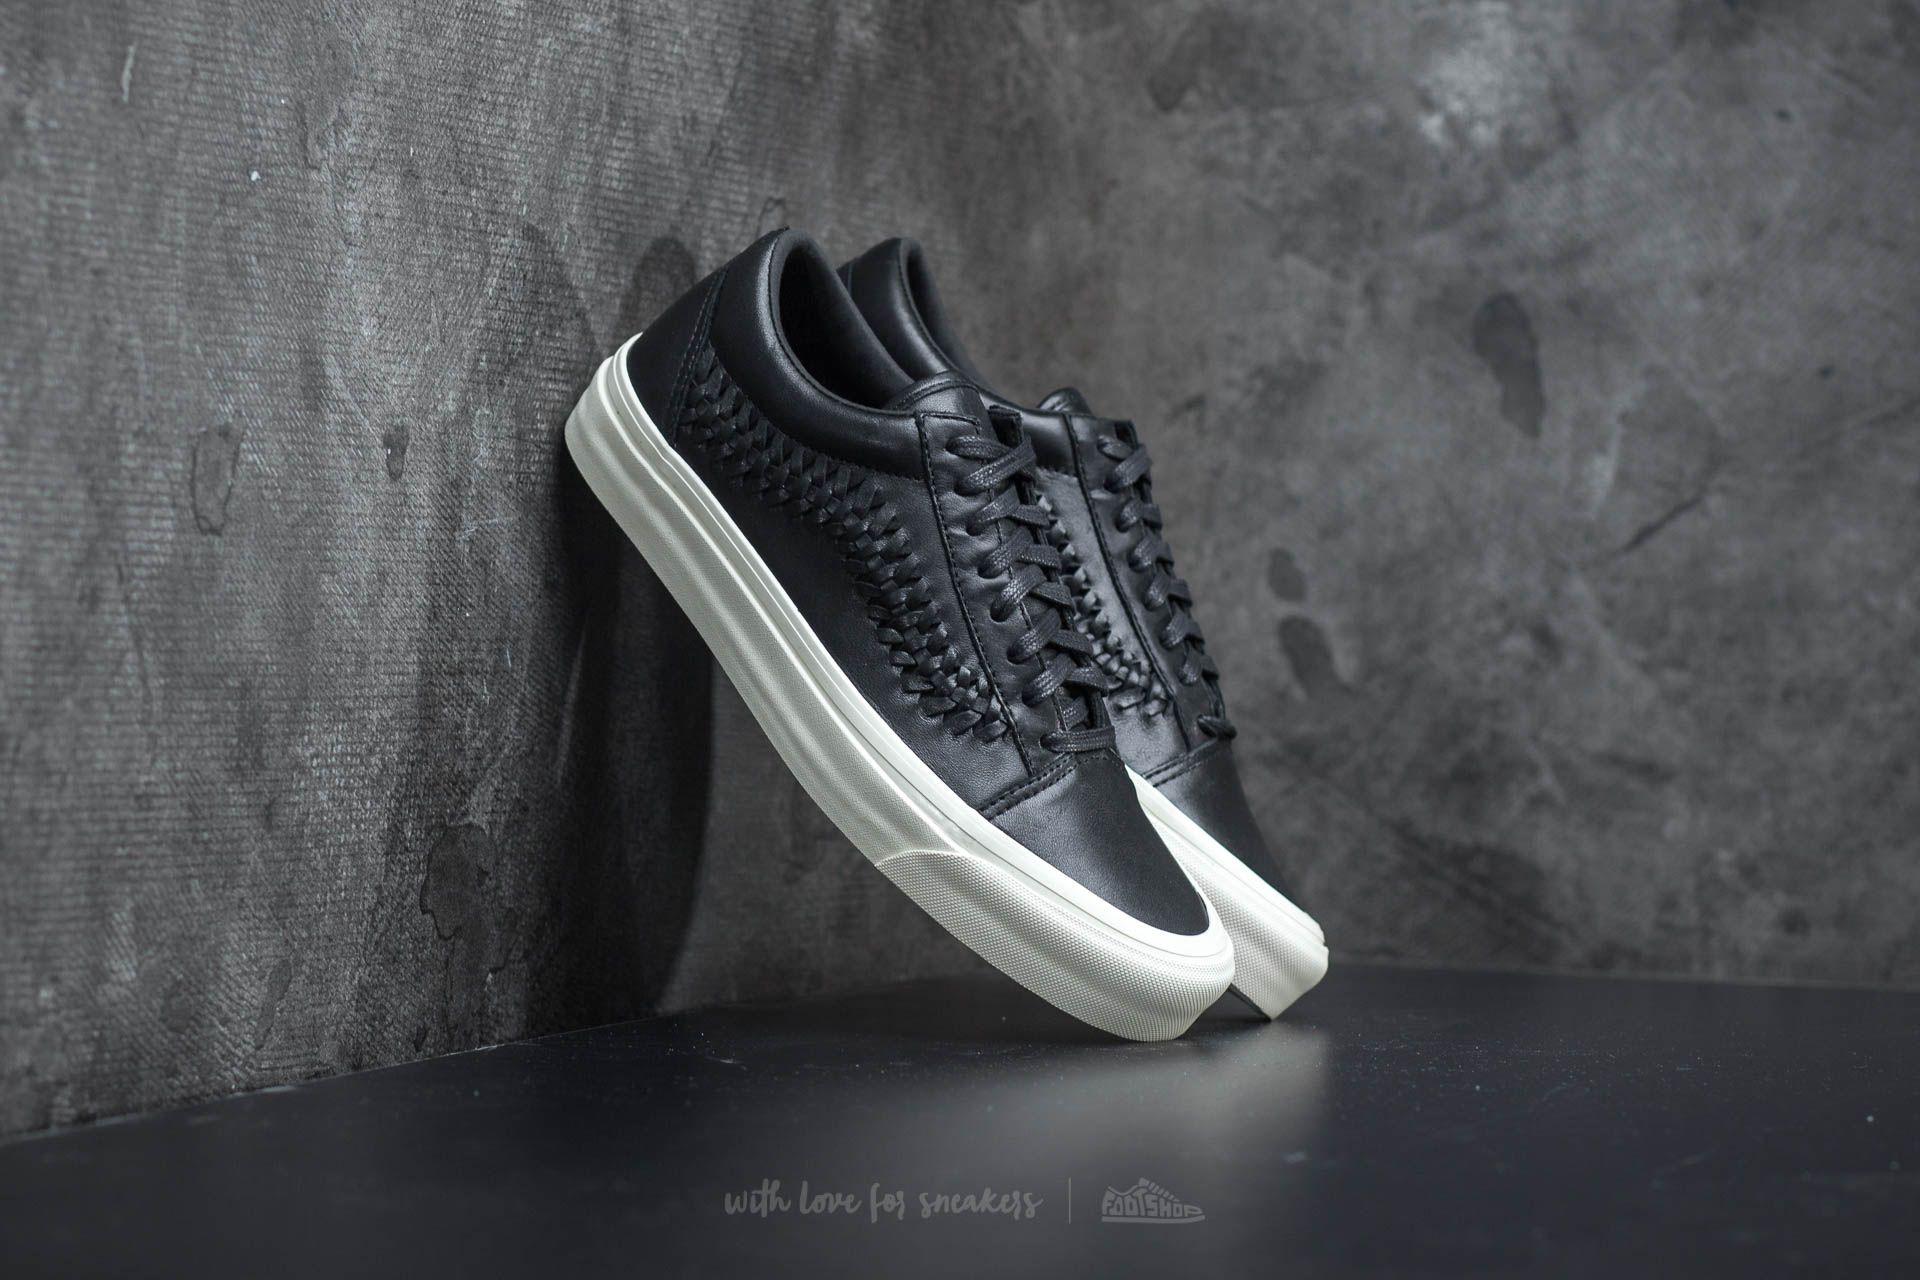 7f2e83bea05 Vans Old Skool Weave DX Leather Black